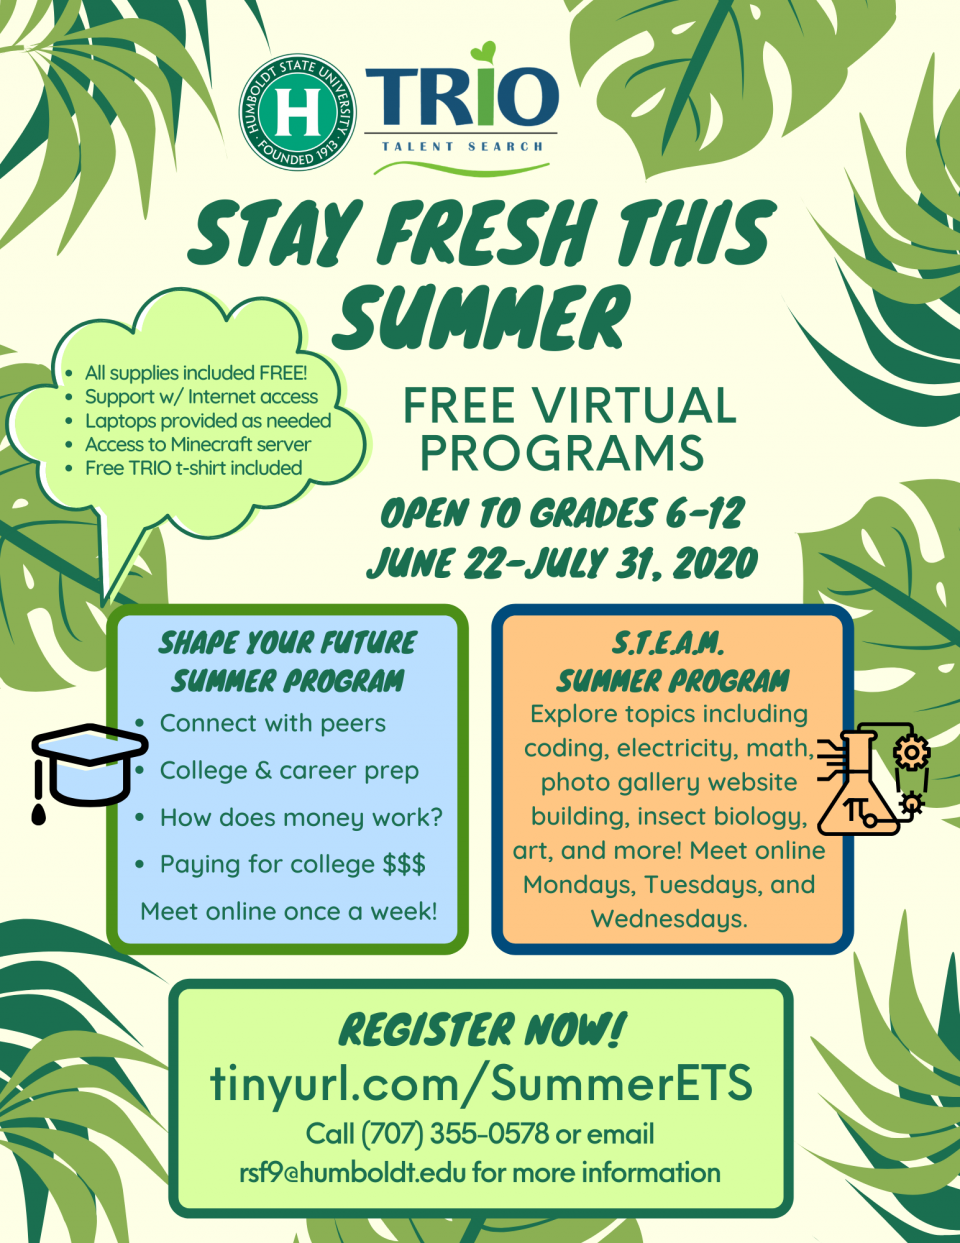 Summer Programs 2020 Flyer